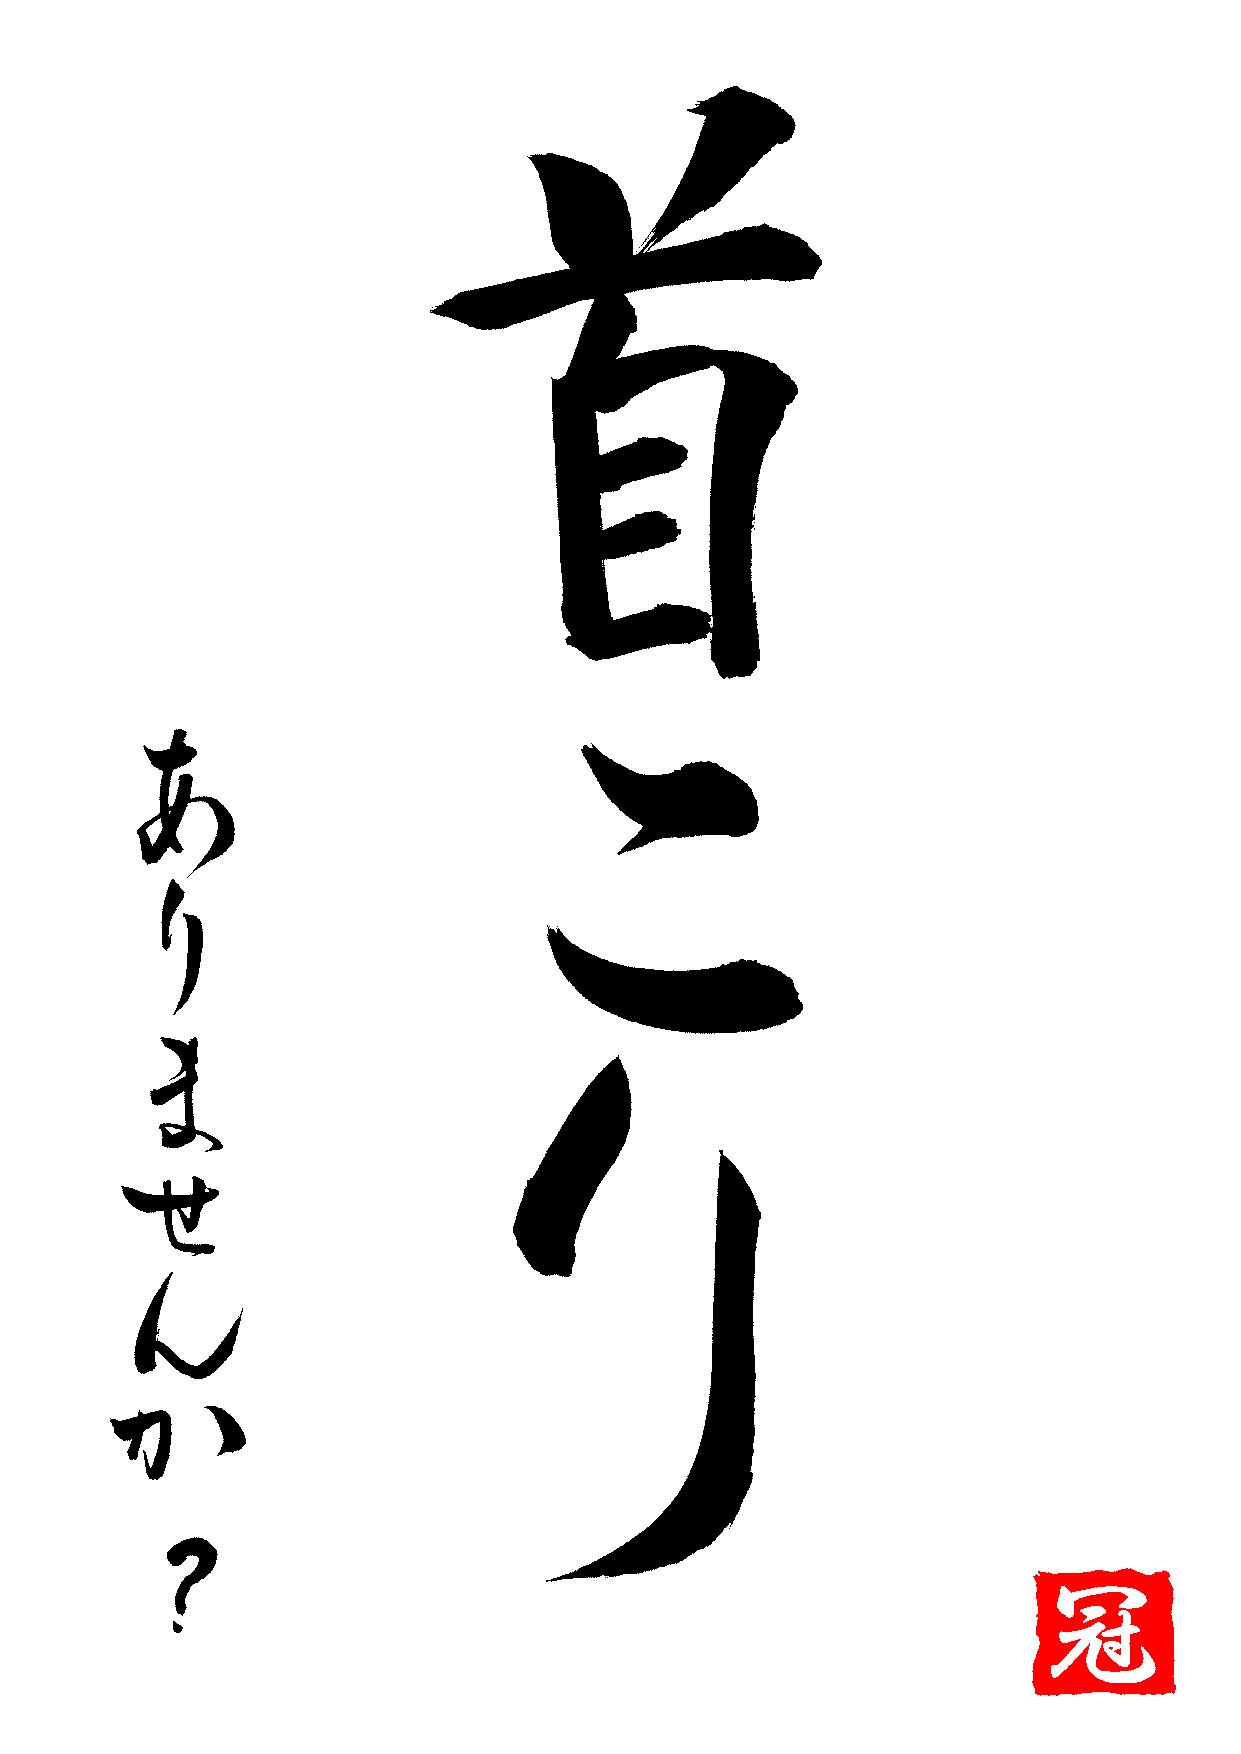 長城冠丹元顆粒首こりポスターA4.jpg